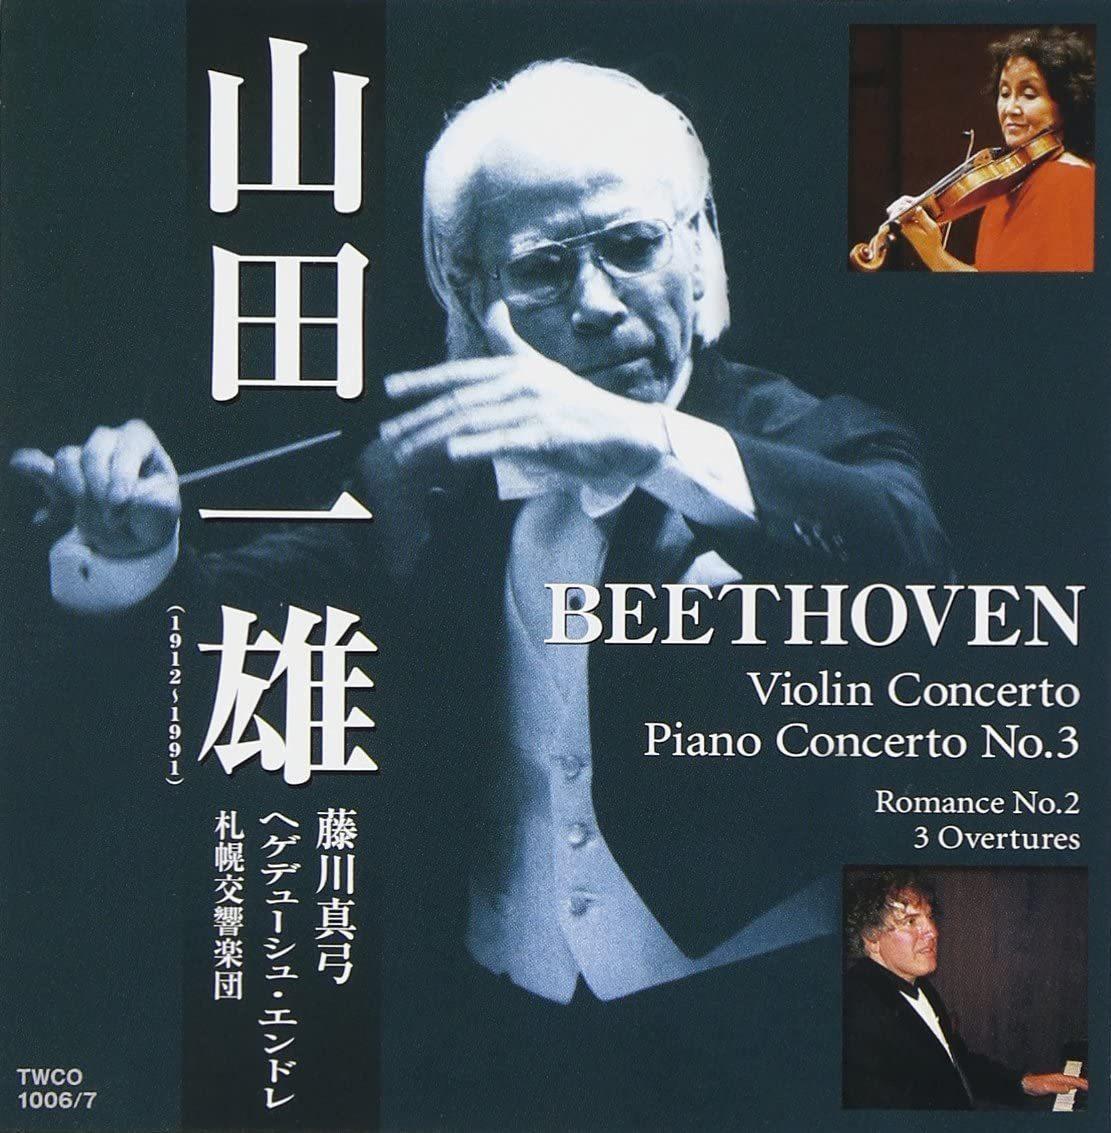 山田一雄指揮 『ベートーヴェン: 協奏曲&序曲集』(2枚組) ≪タワーレコード限定≫